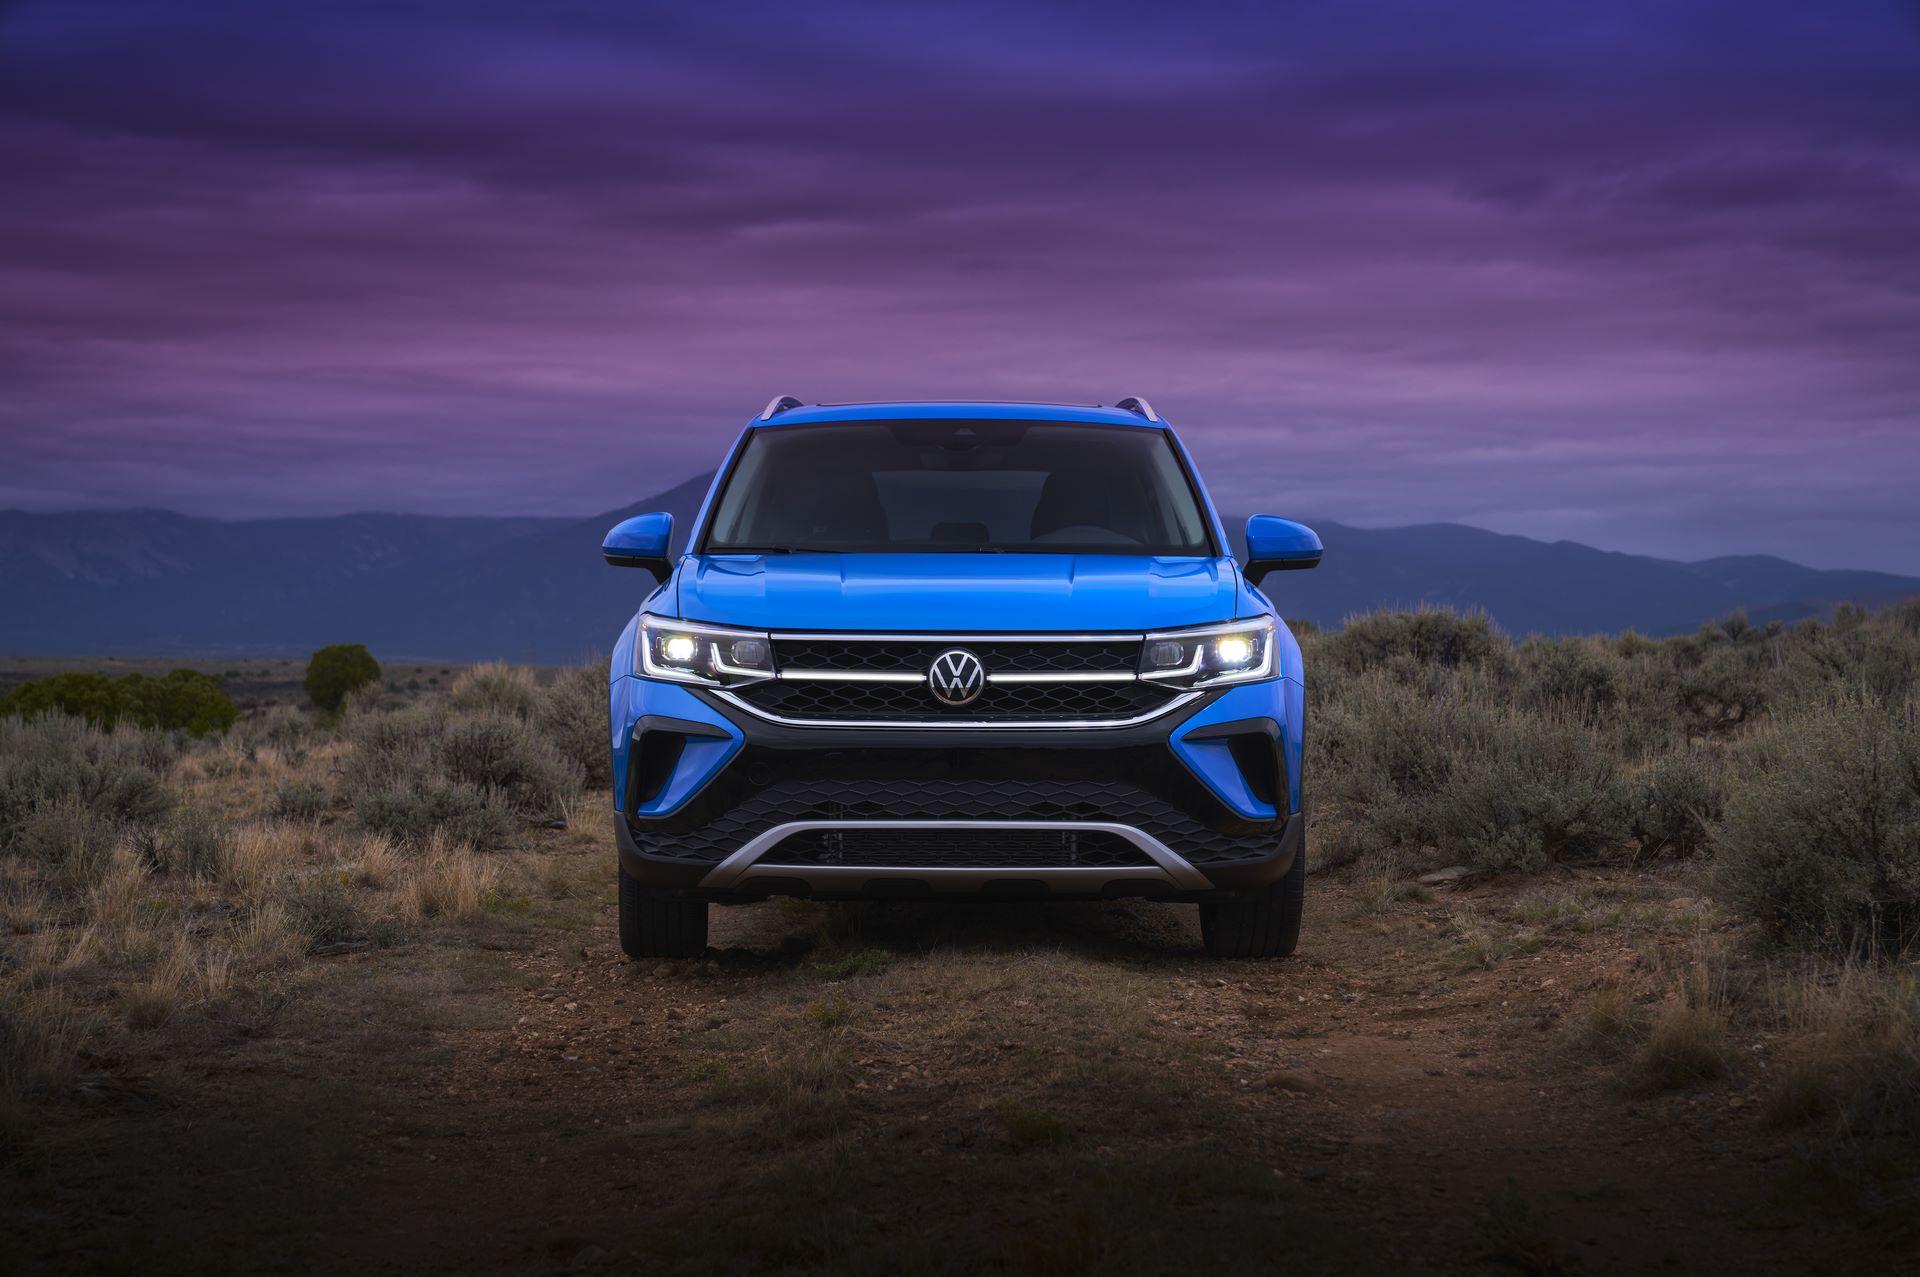 Volkswagen-Taos-2020-18